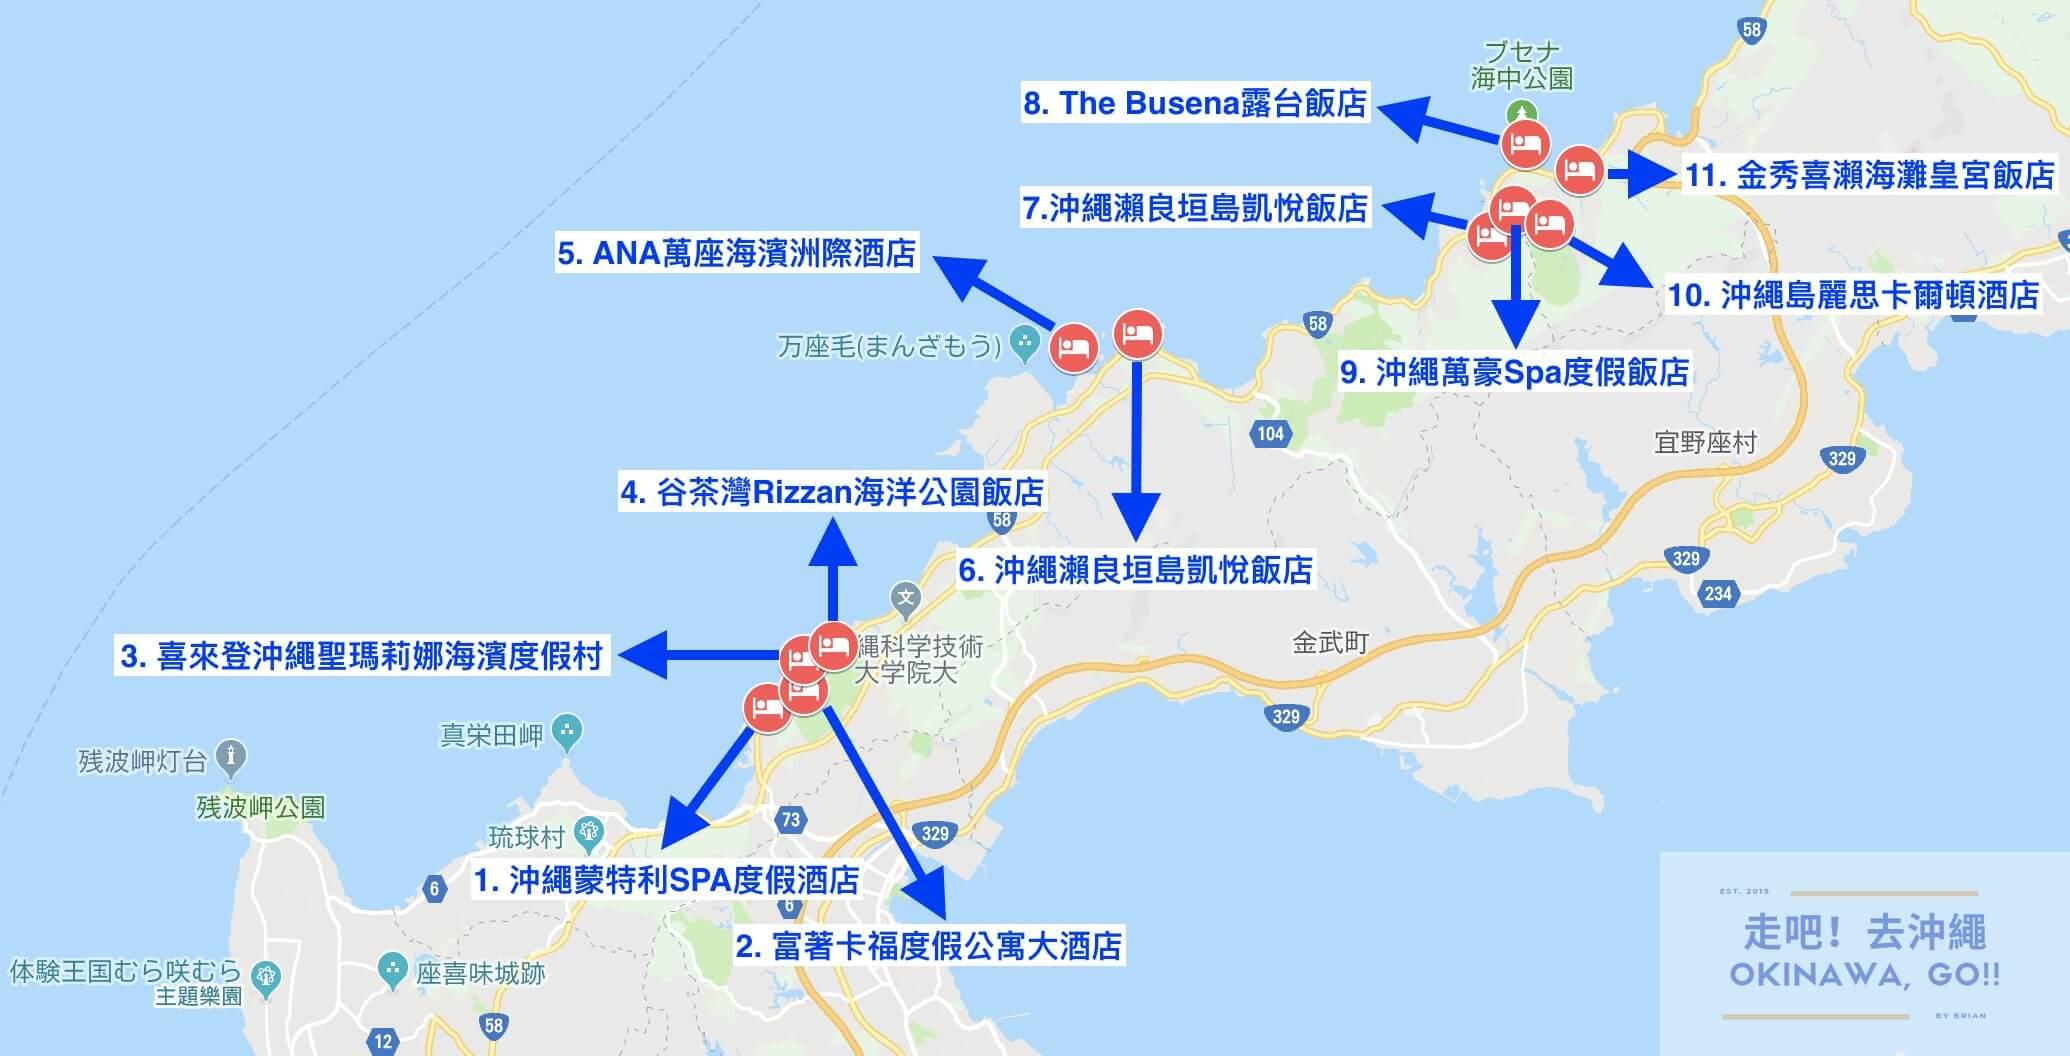 沖繩恩納村住宿推薦地圖